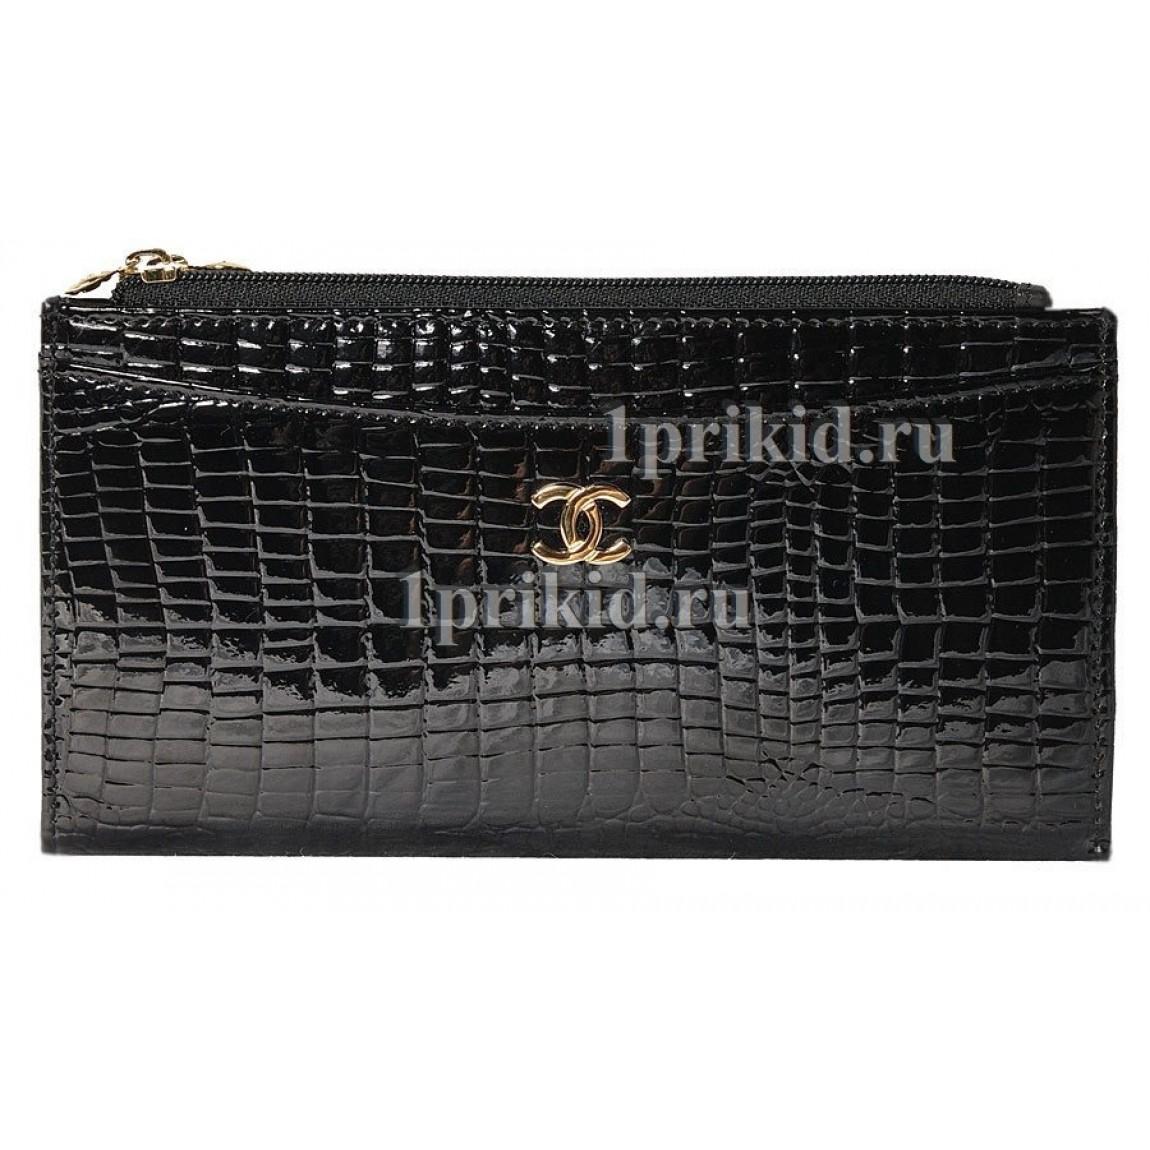 699ee2afbb9d Женские кошельки на молнии купить в интернет магазине 1 Прикид ру.